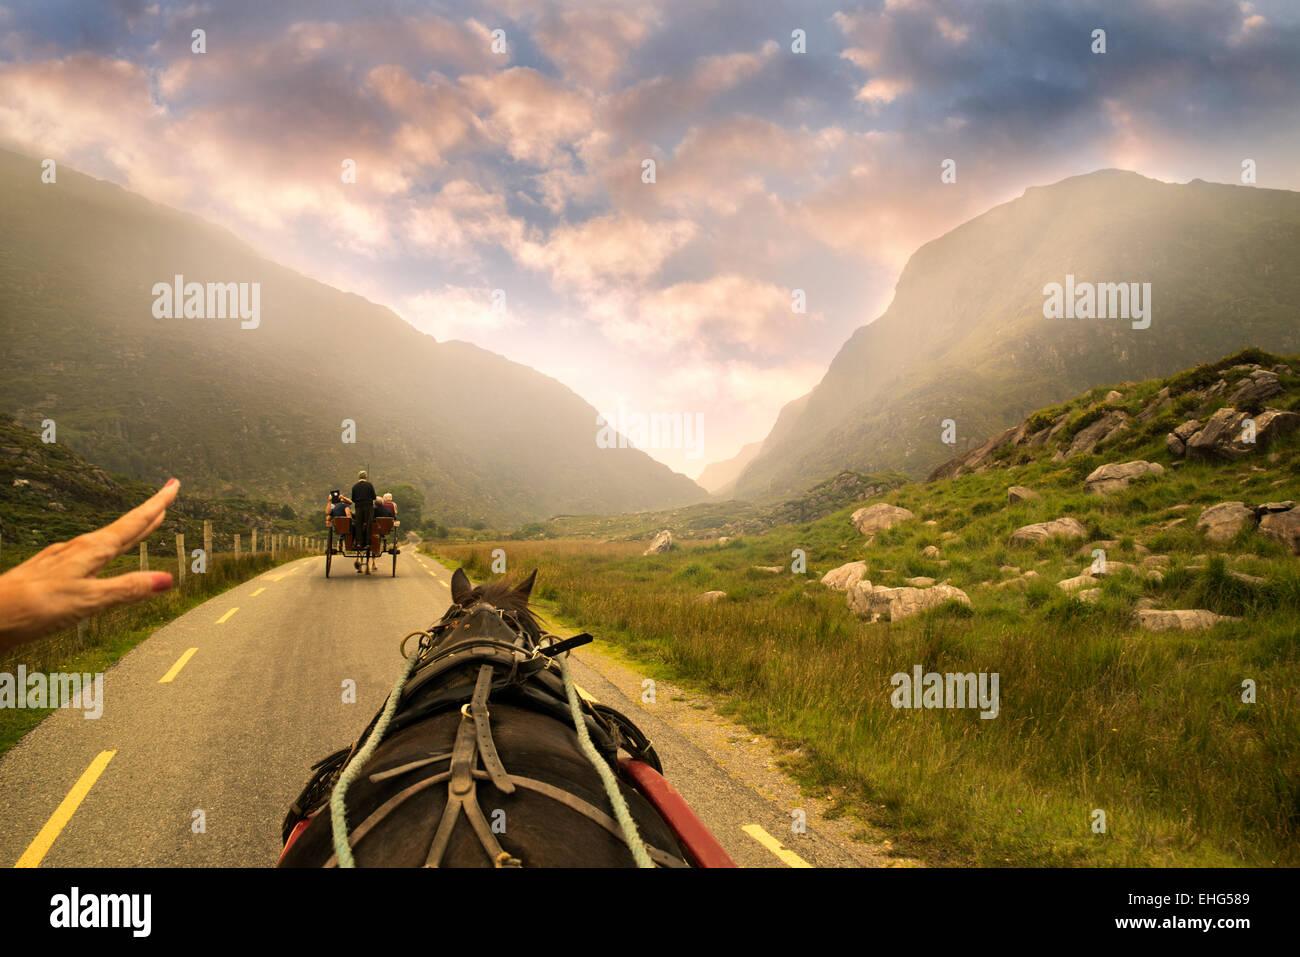 Cavallo Jaunting auto sulla strada con la mano che indica la via. Gap di Dunloe, Irlanda Immagini Stock